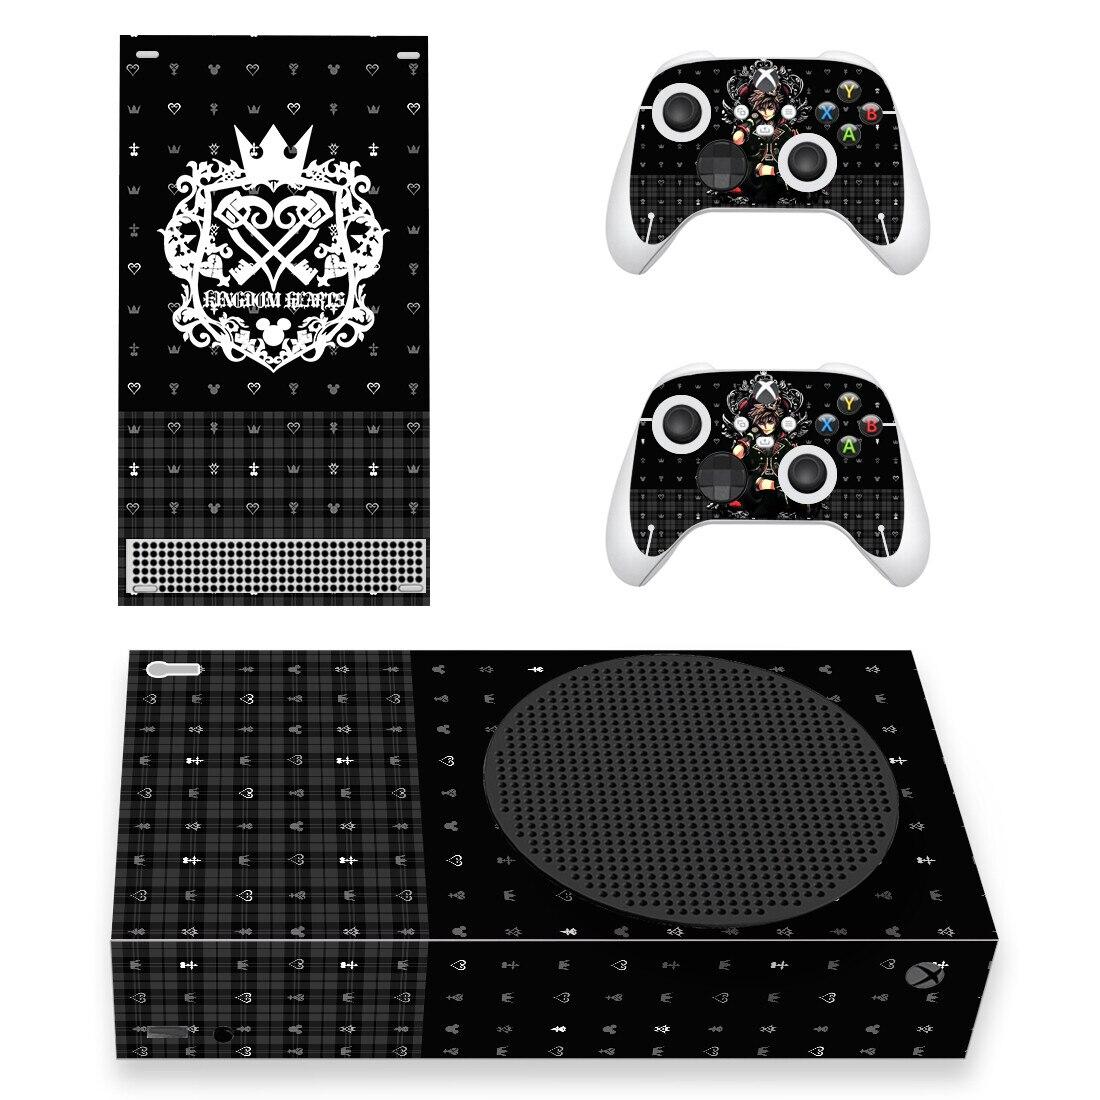 المملكة-ملصق جلدي على شكل قلب ، غطاء لاصق لوحدة تحكم Xbox ، 2 وحدة تحكم ، سلسلة Xbox ، فينيل